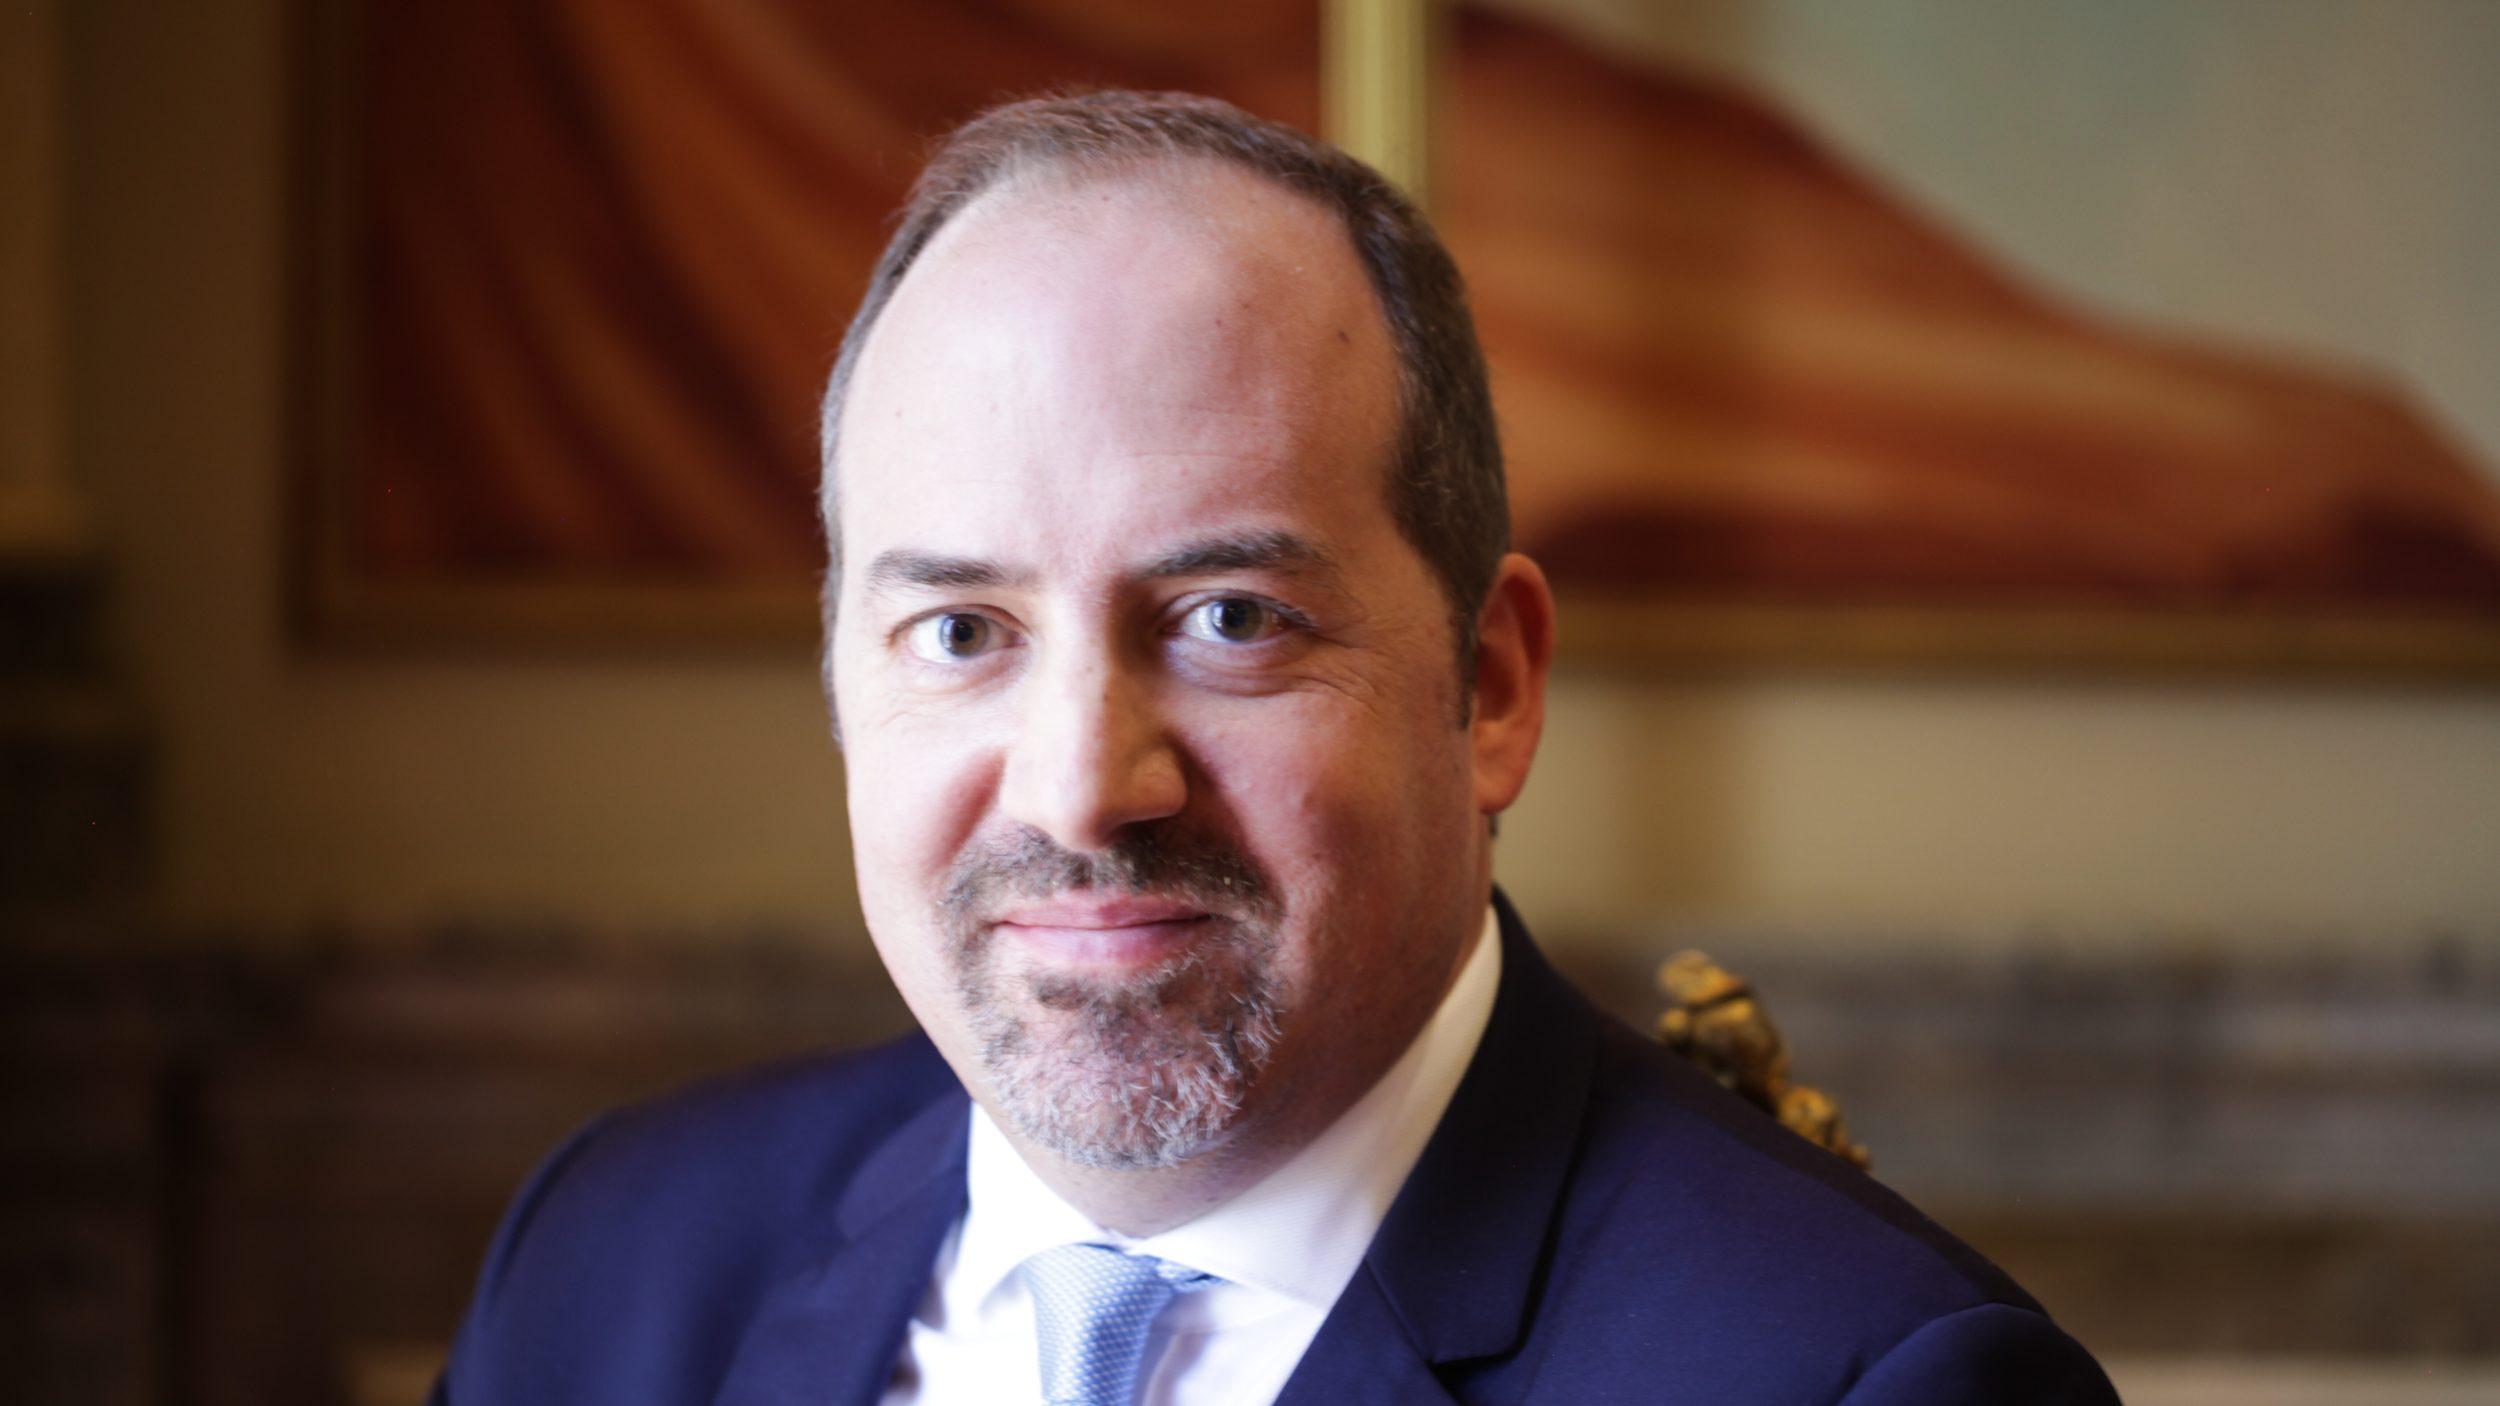 Álvaro Santos Pereira sobe a economista-chefe da OCDE